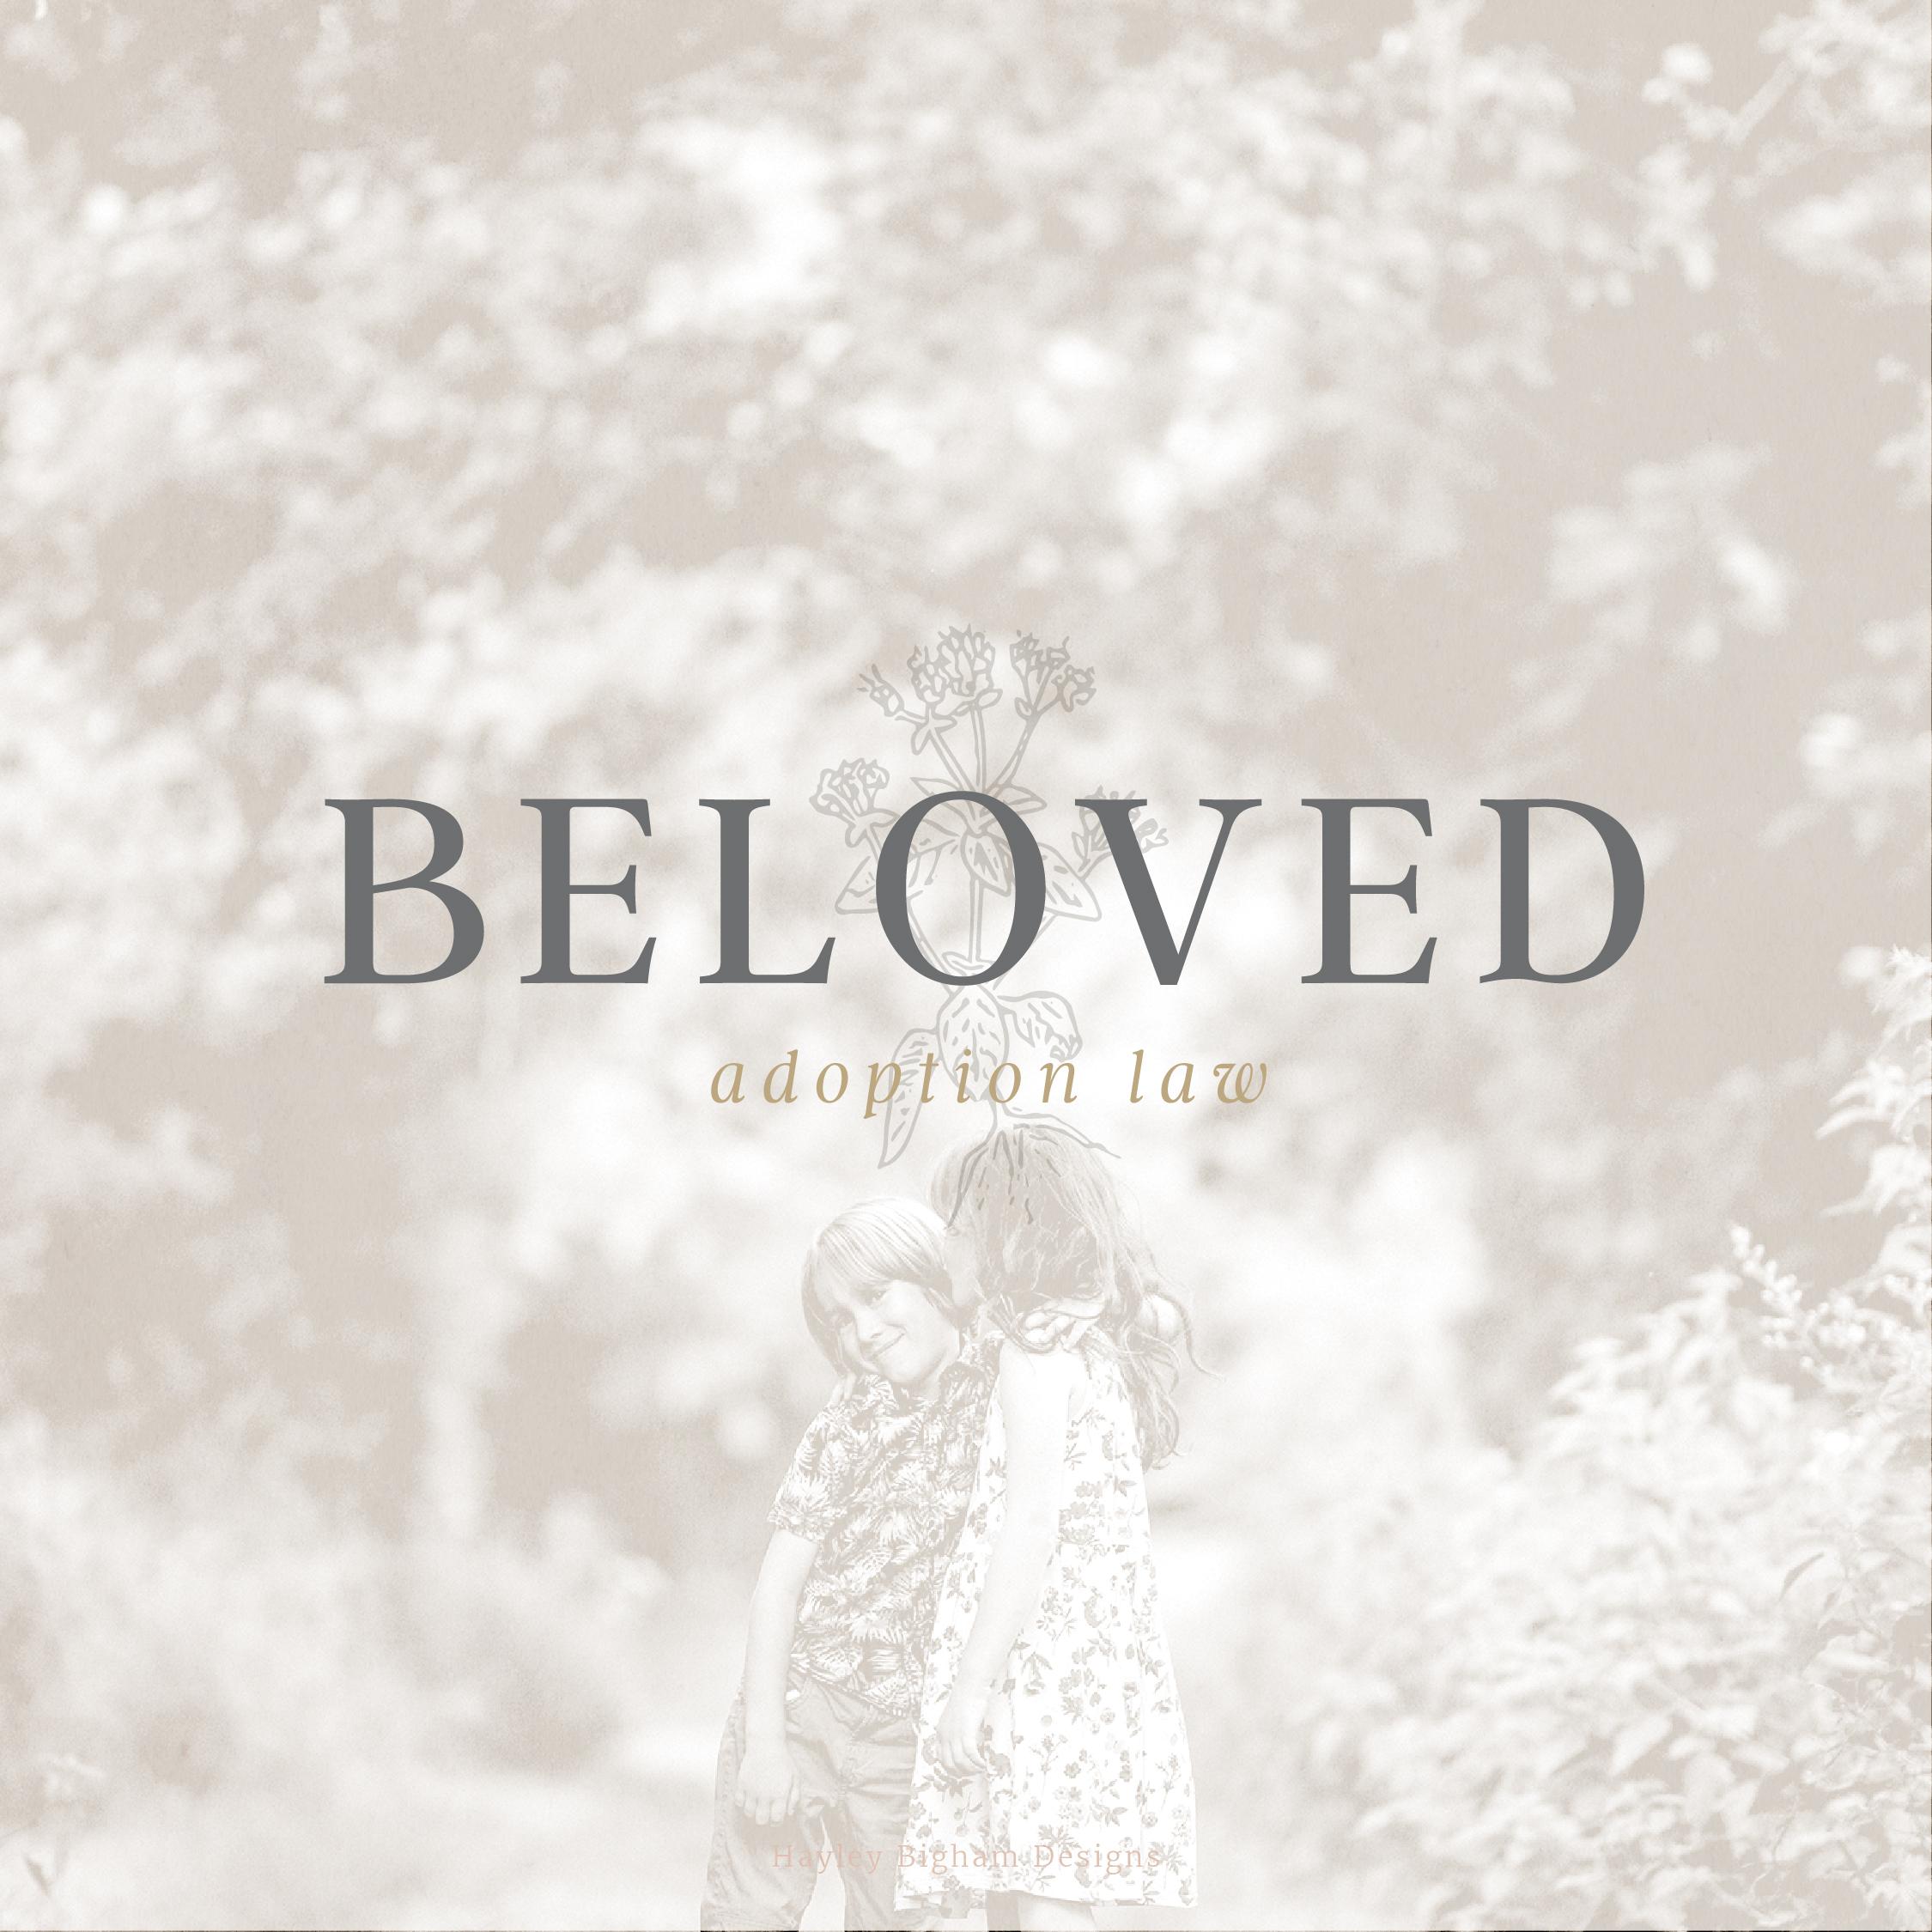 hayley bigham designs-tulsa graphic designer-Beloved Adoption Law-moodboard-logo design